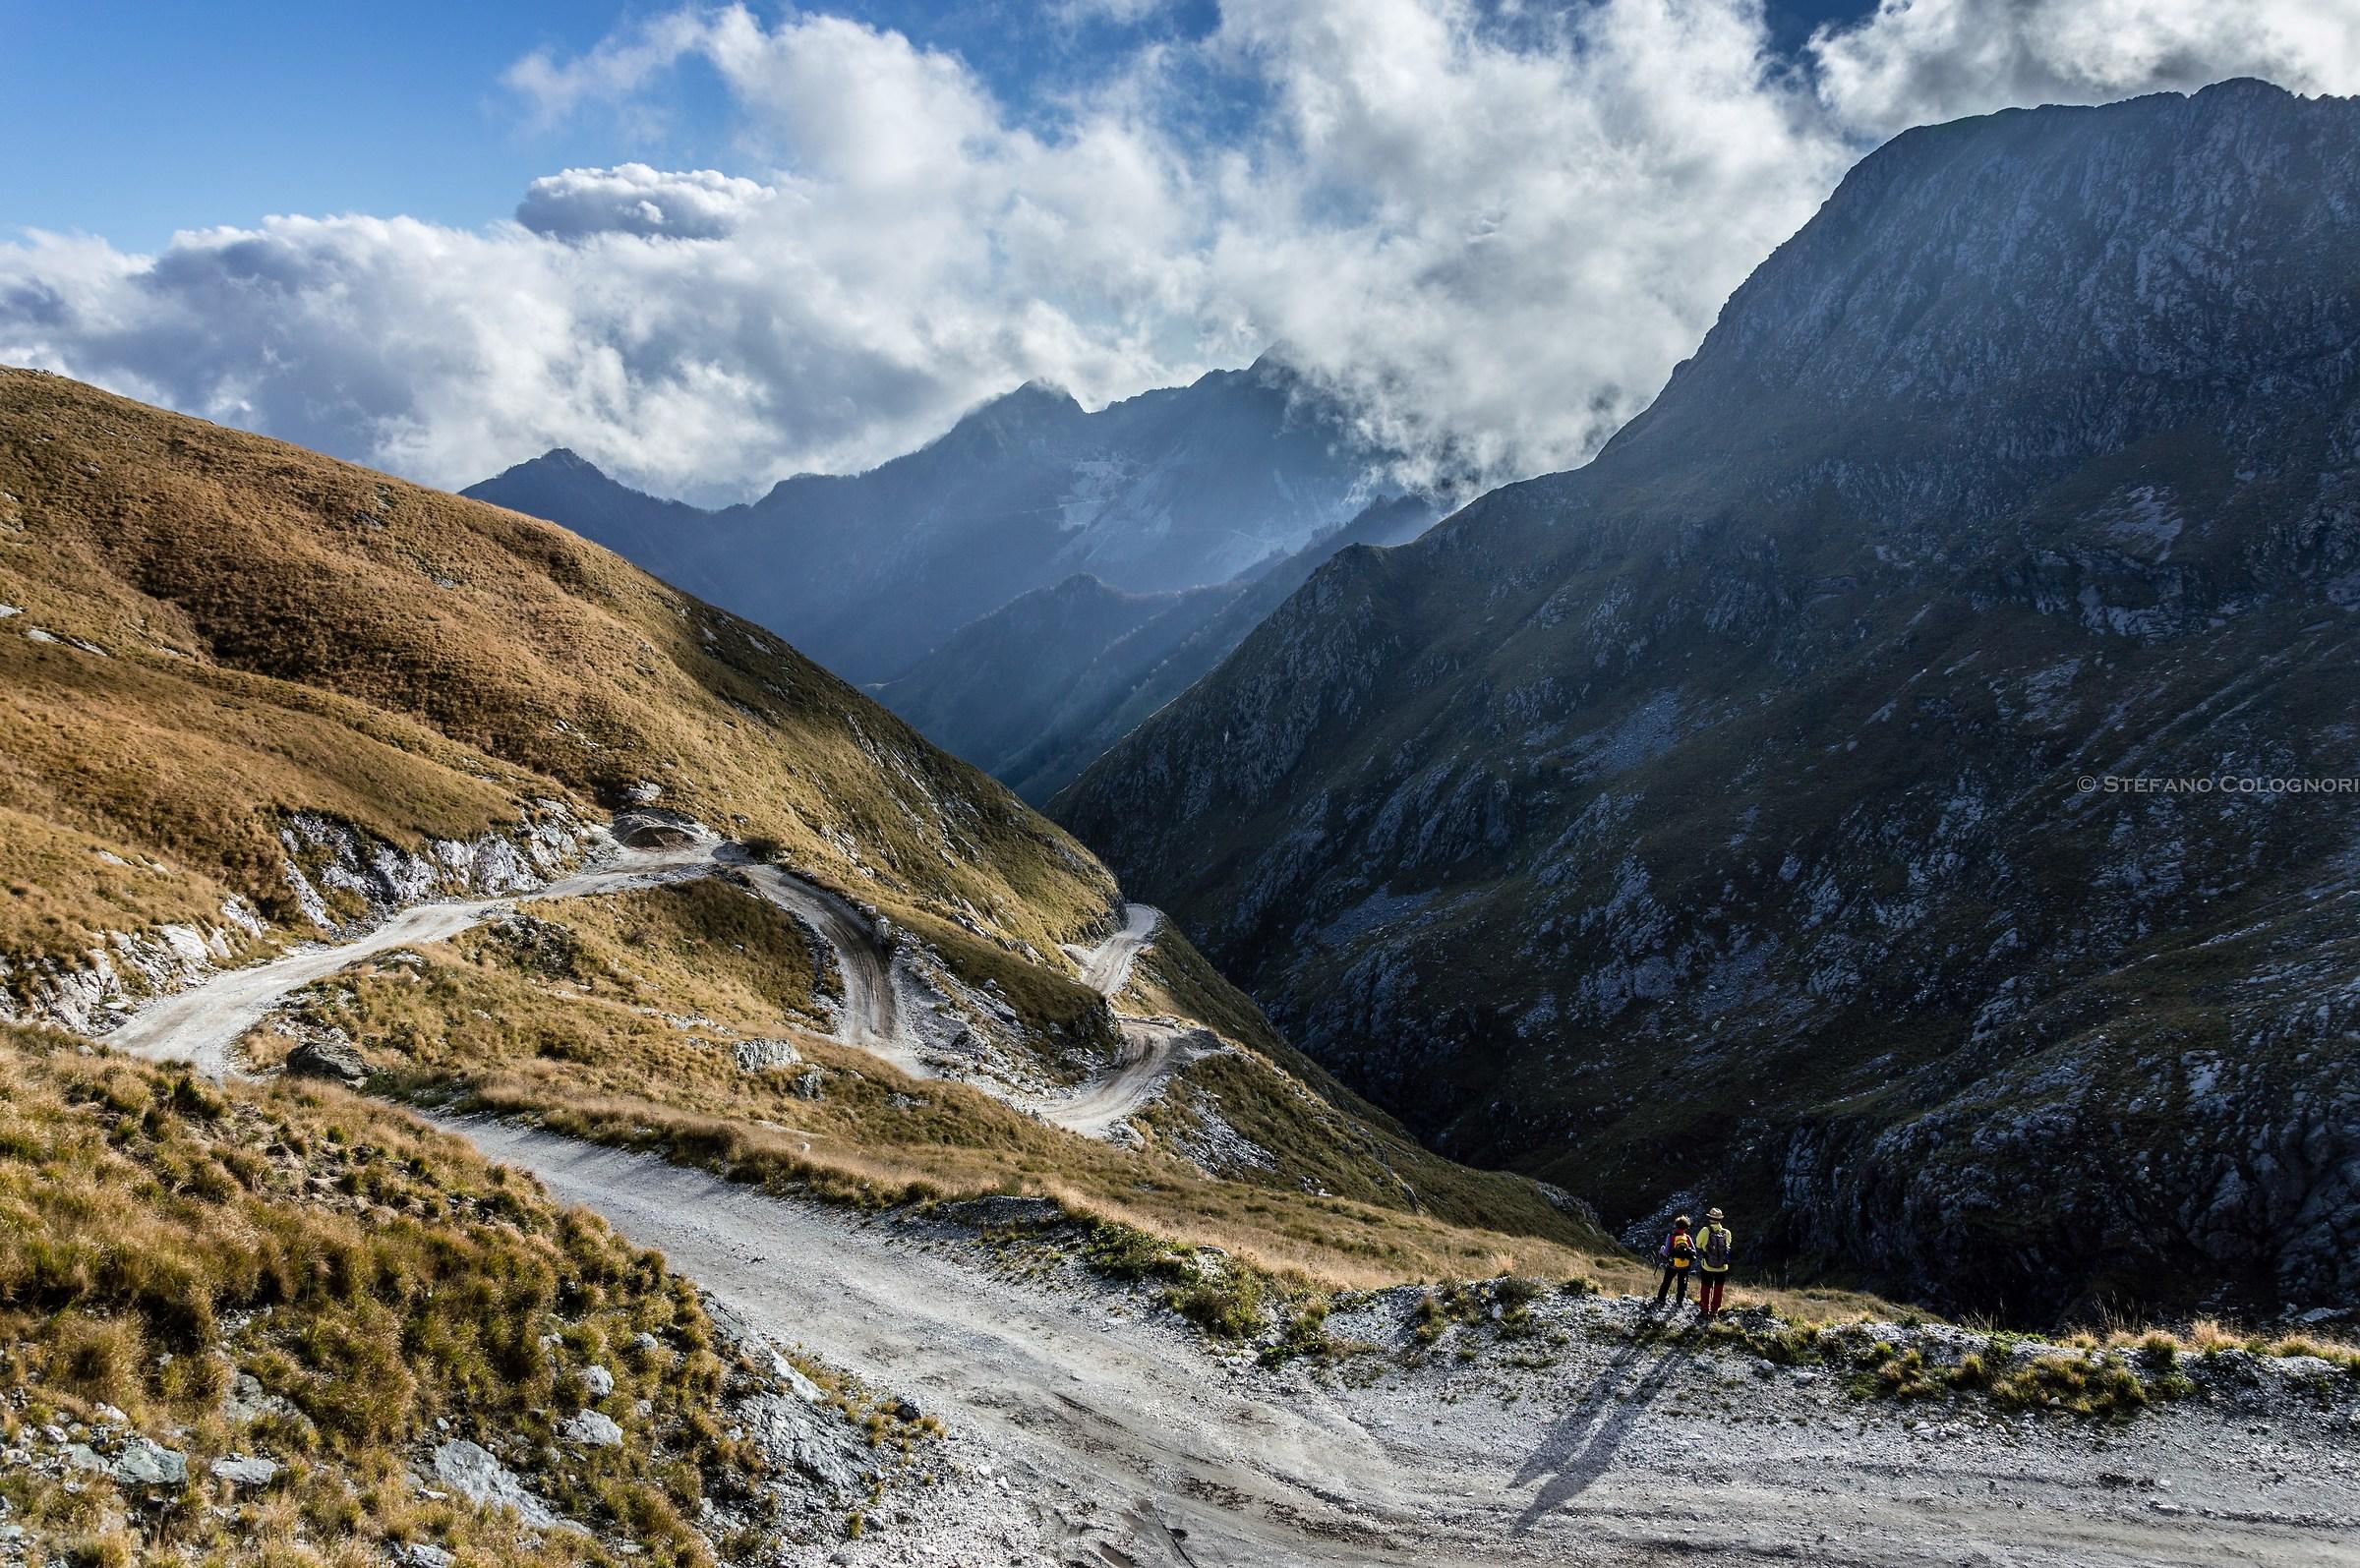 Le montagne che scompaiono......